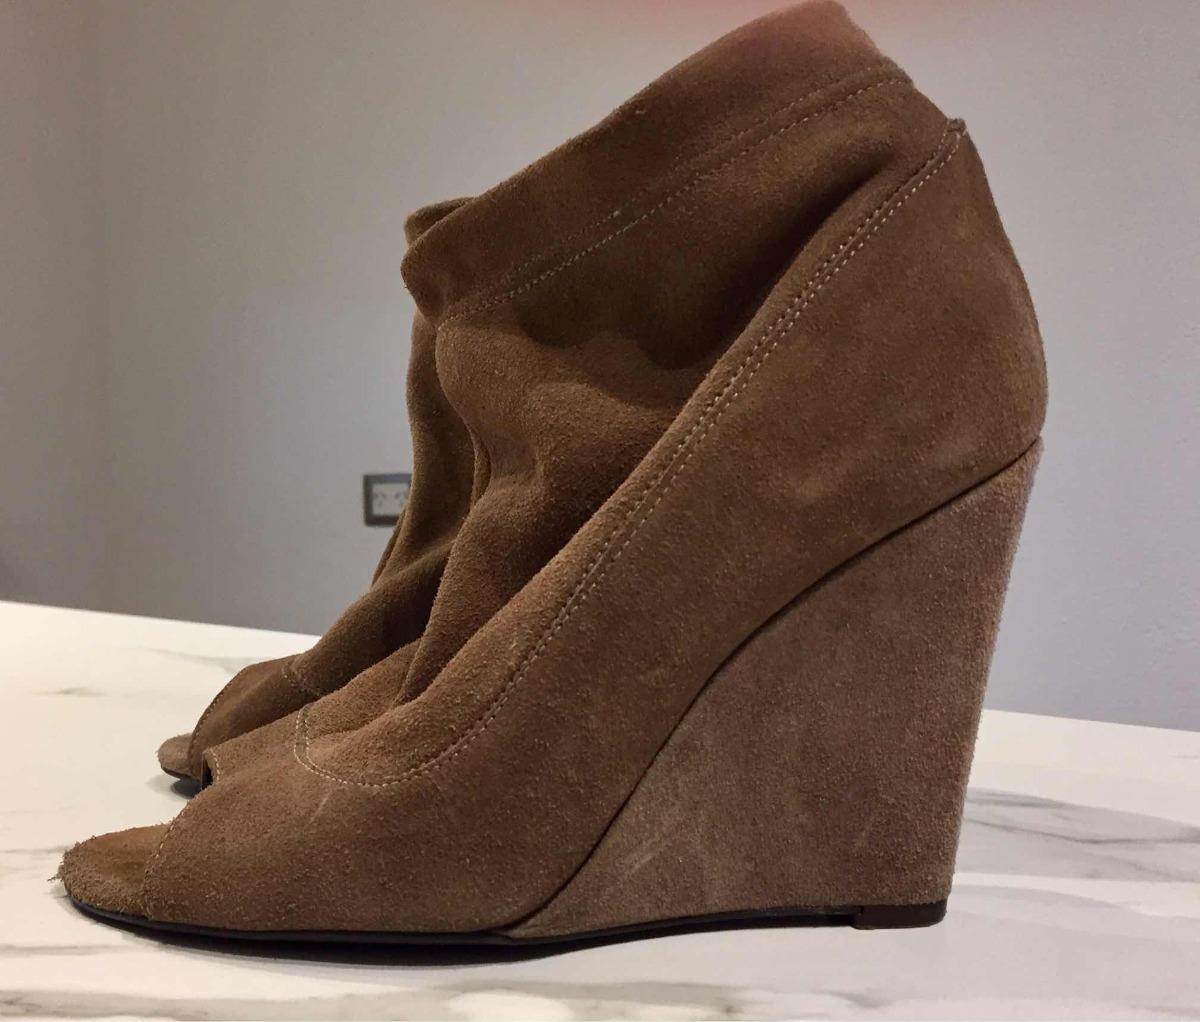 6abbeb78 Zara Zapatos Zueco De Gamuza Color Piel 38 - $ 999,00 en Mercado Libre